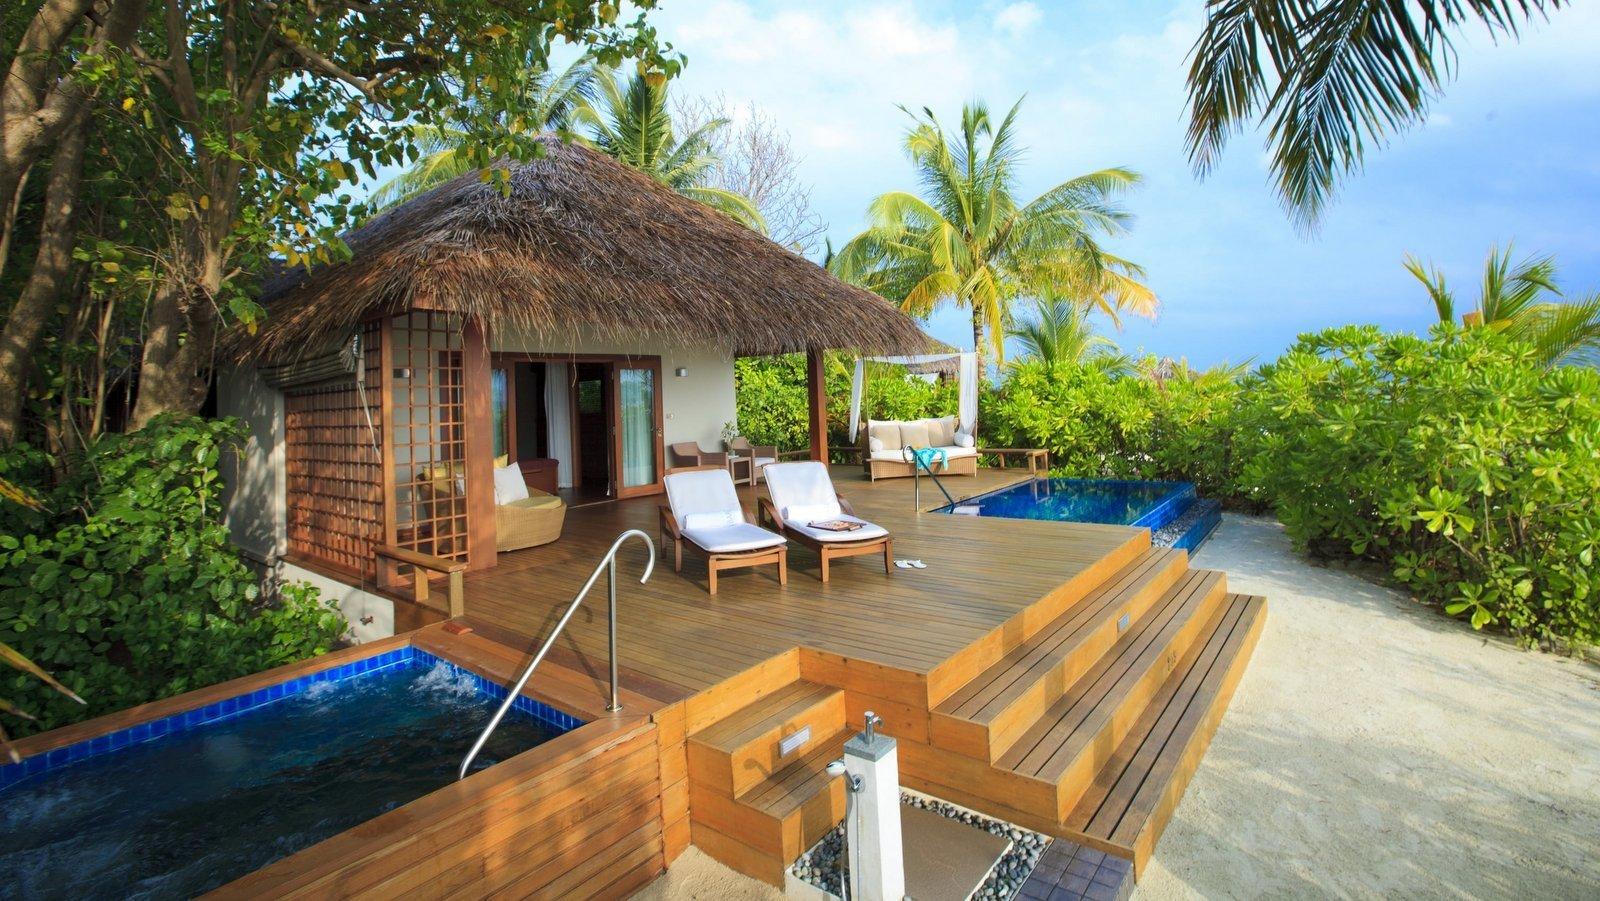 Мальдивы, отель Baros Maldives, номер Premium Pool Villa